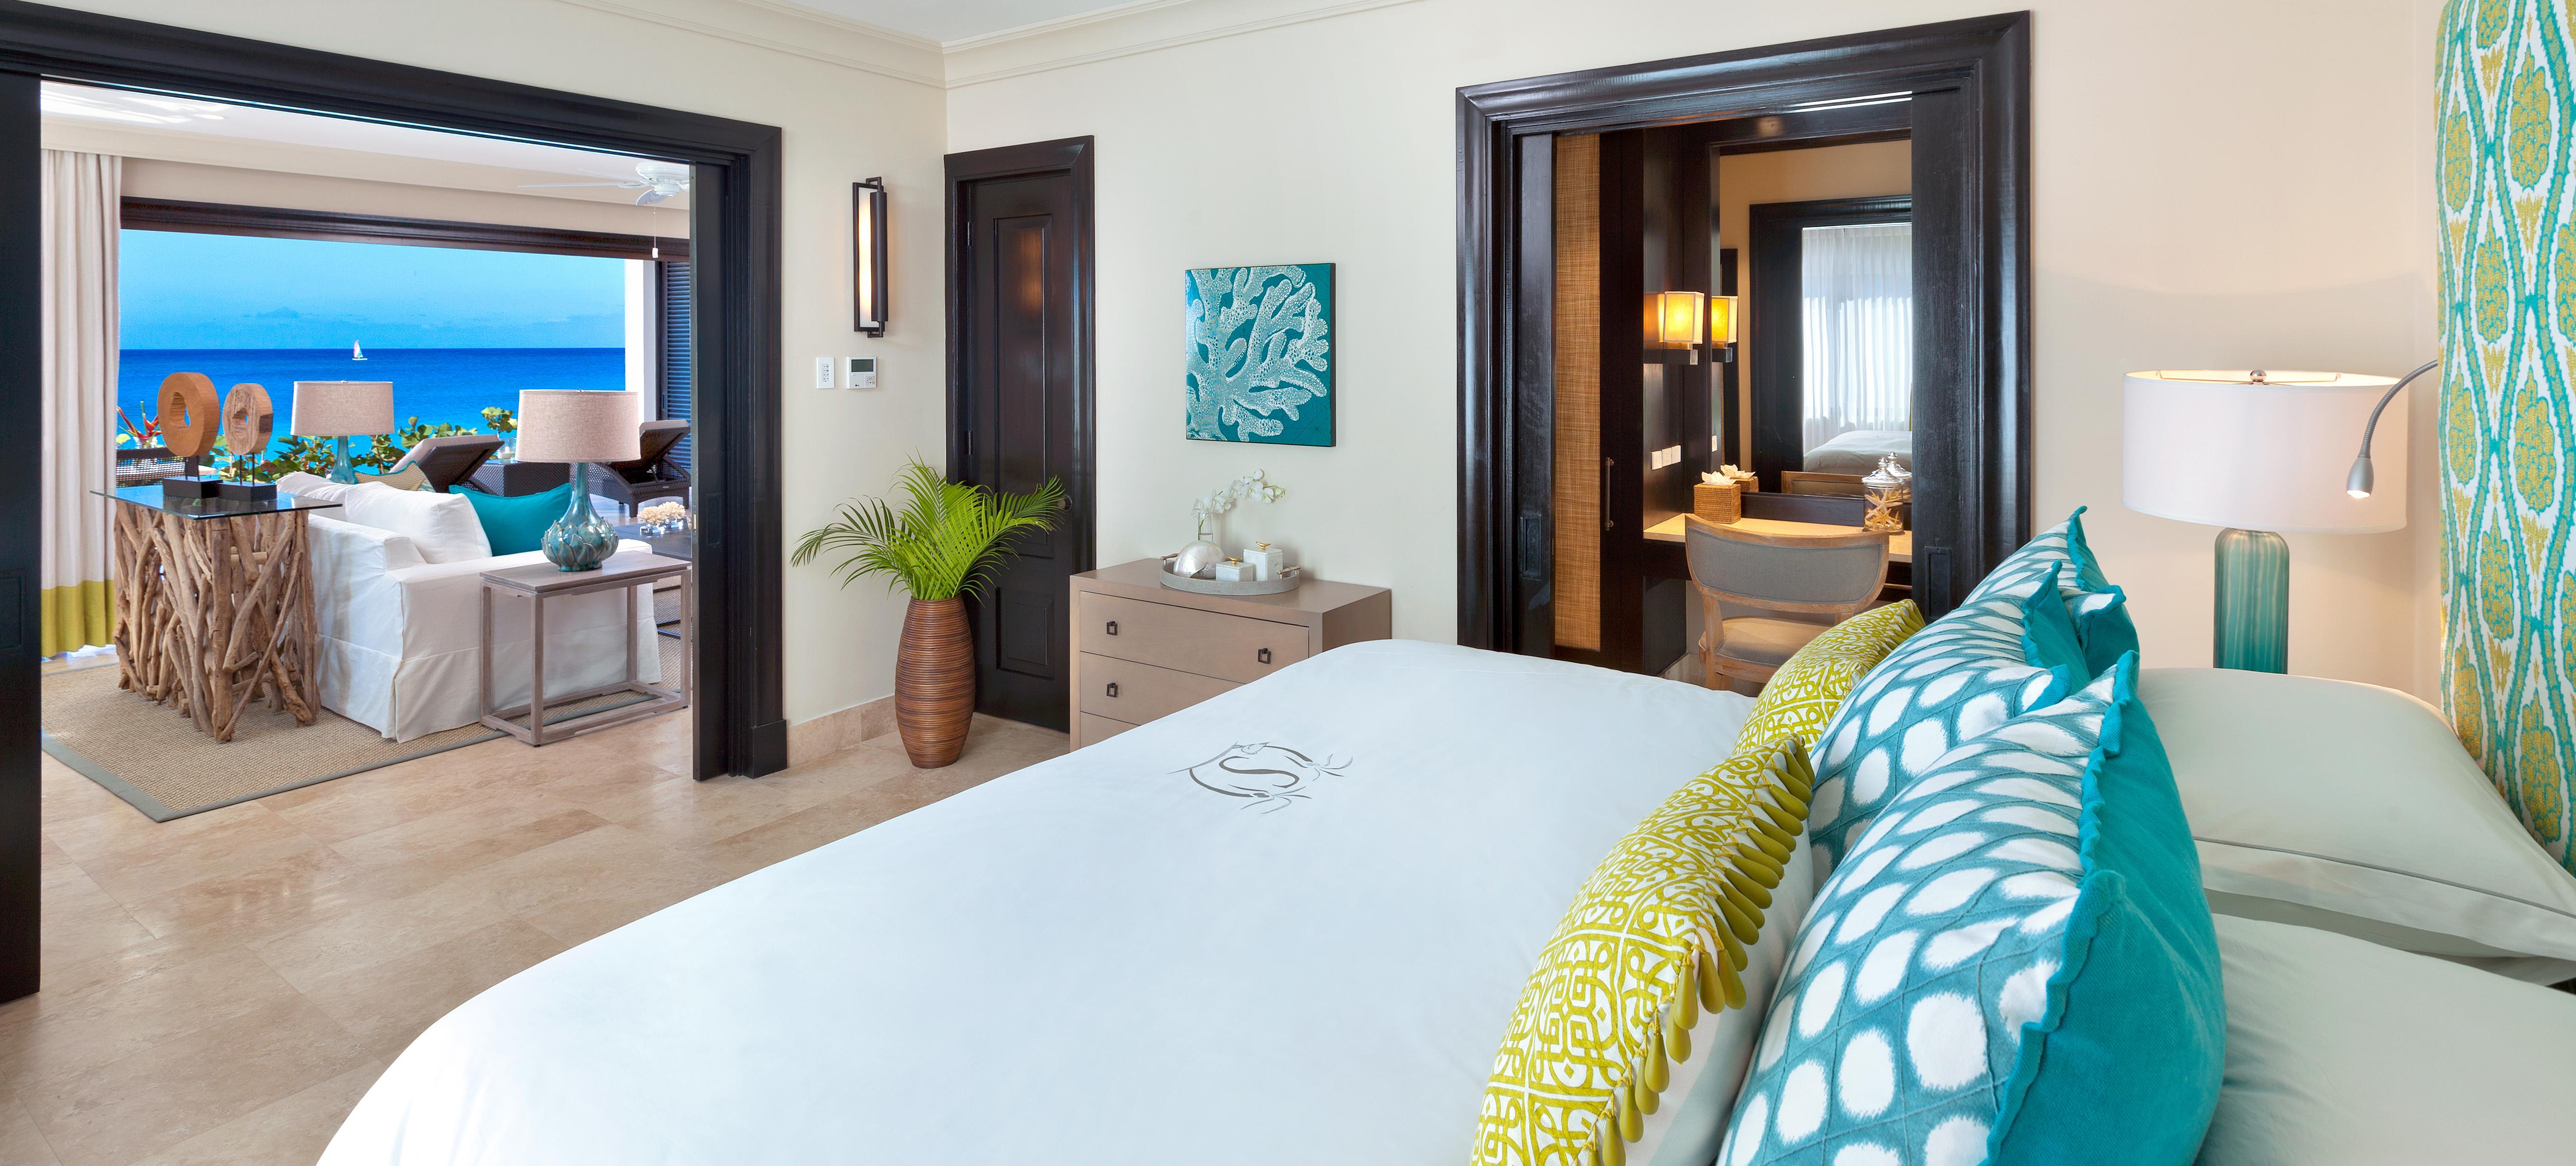 beach-house-suite-sandpiper